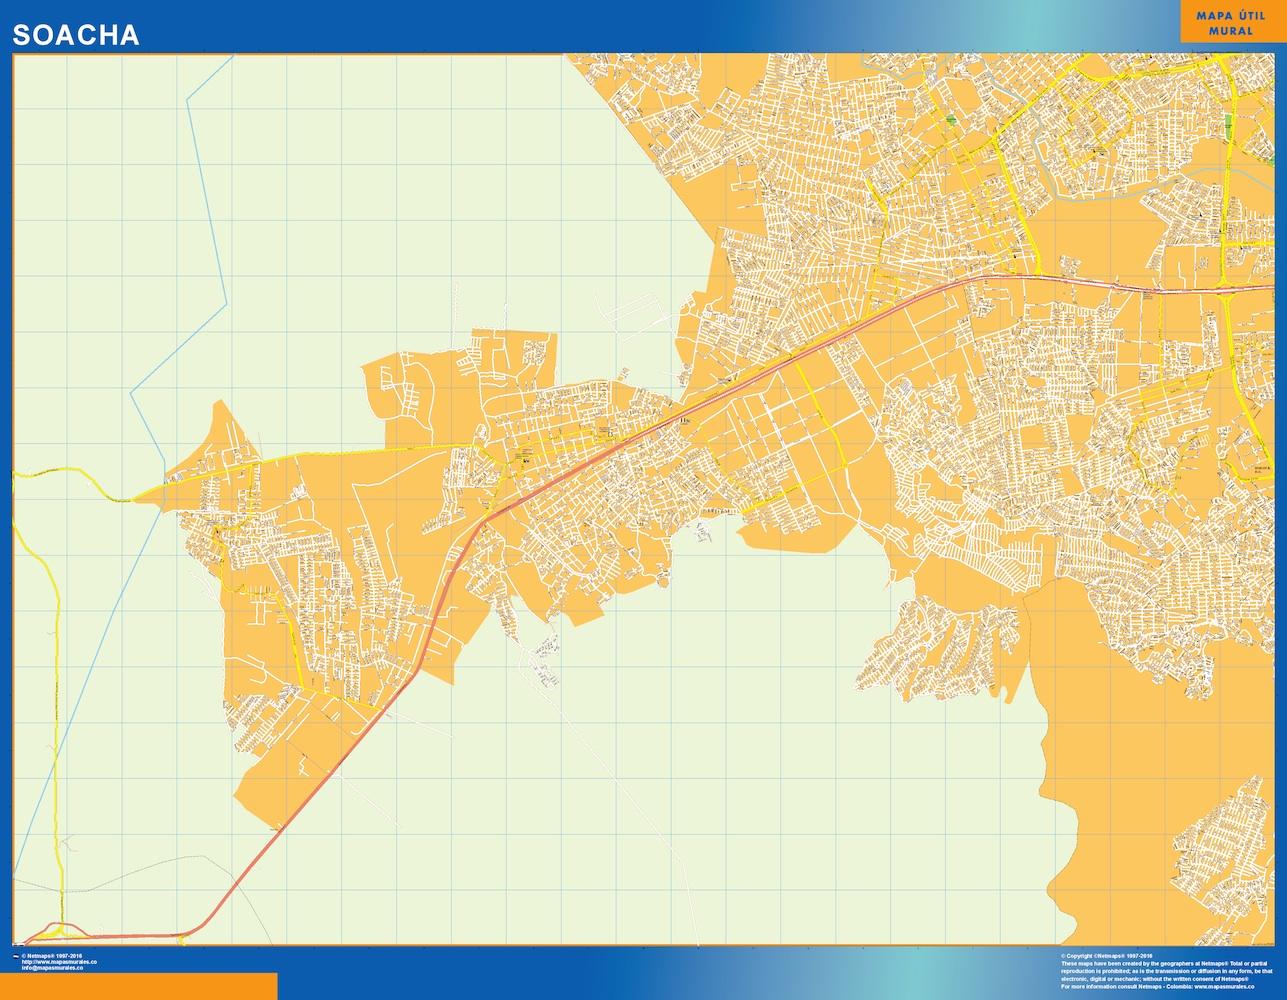 Mapa de Soacha en Colombia plastificado gigante